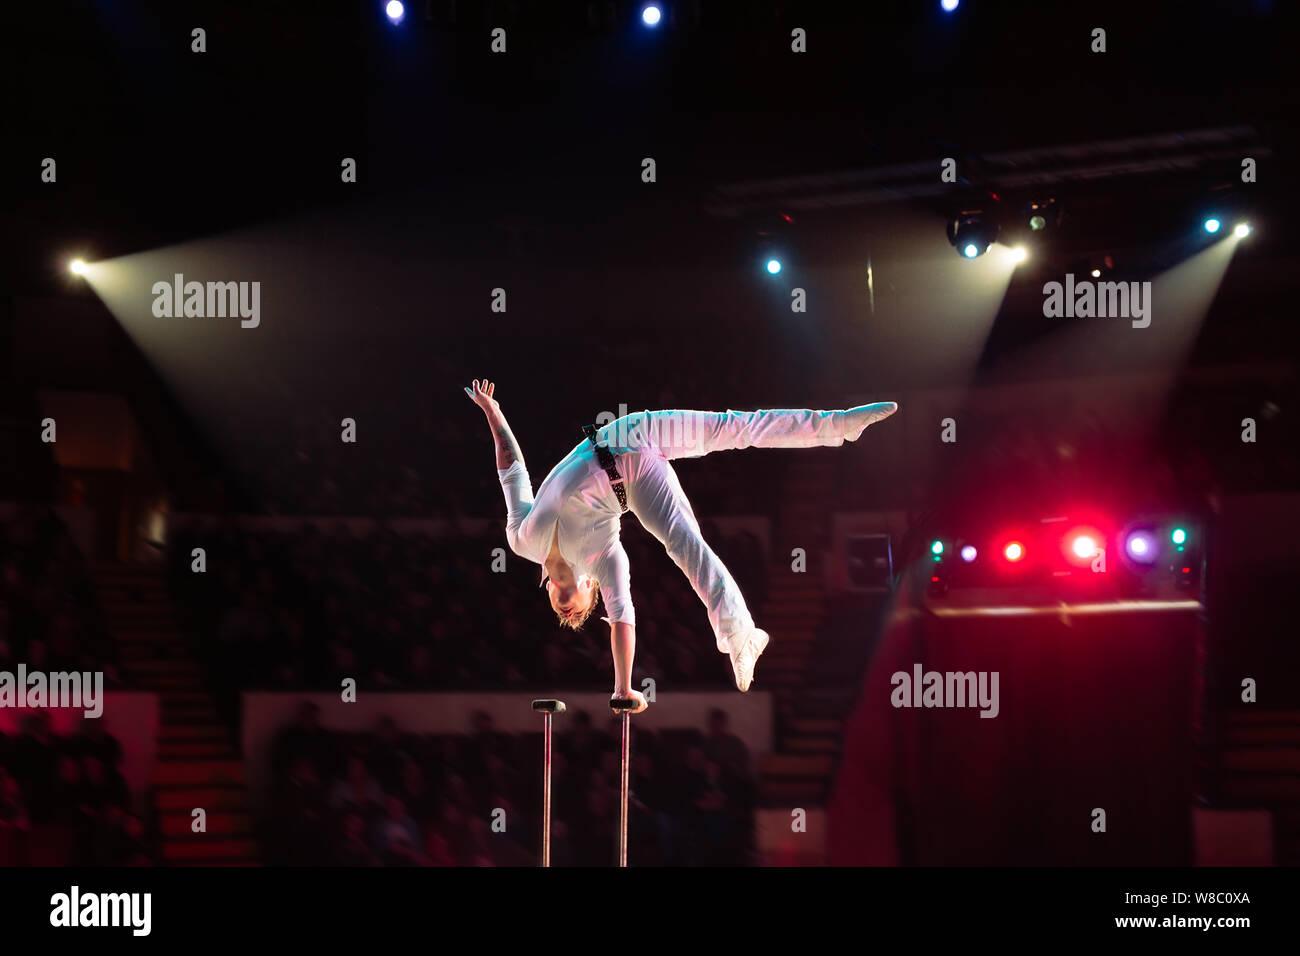 L'homme en acrobaties aériennes le cirque. Banque D'Images